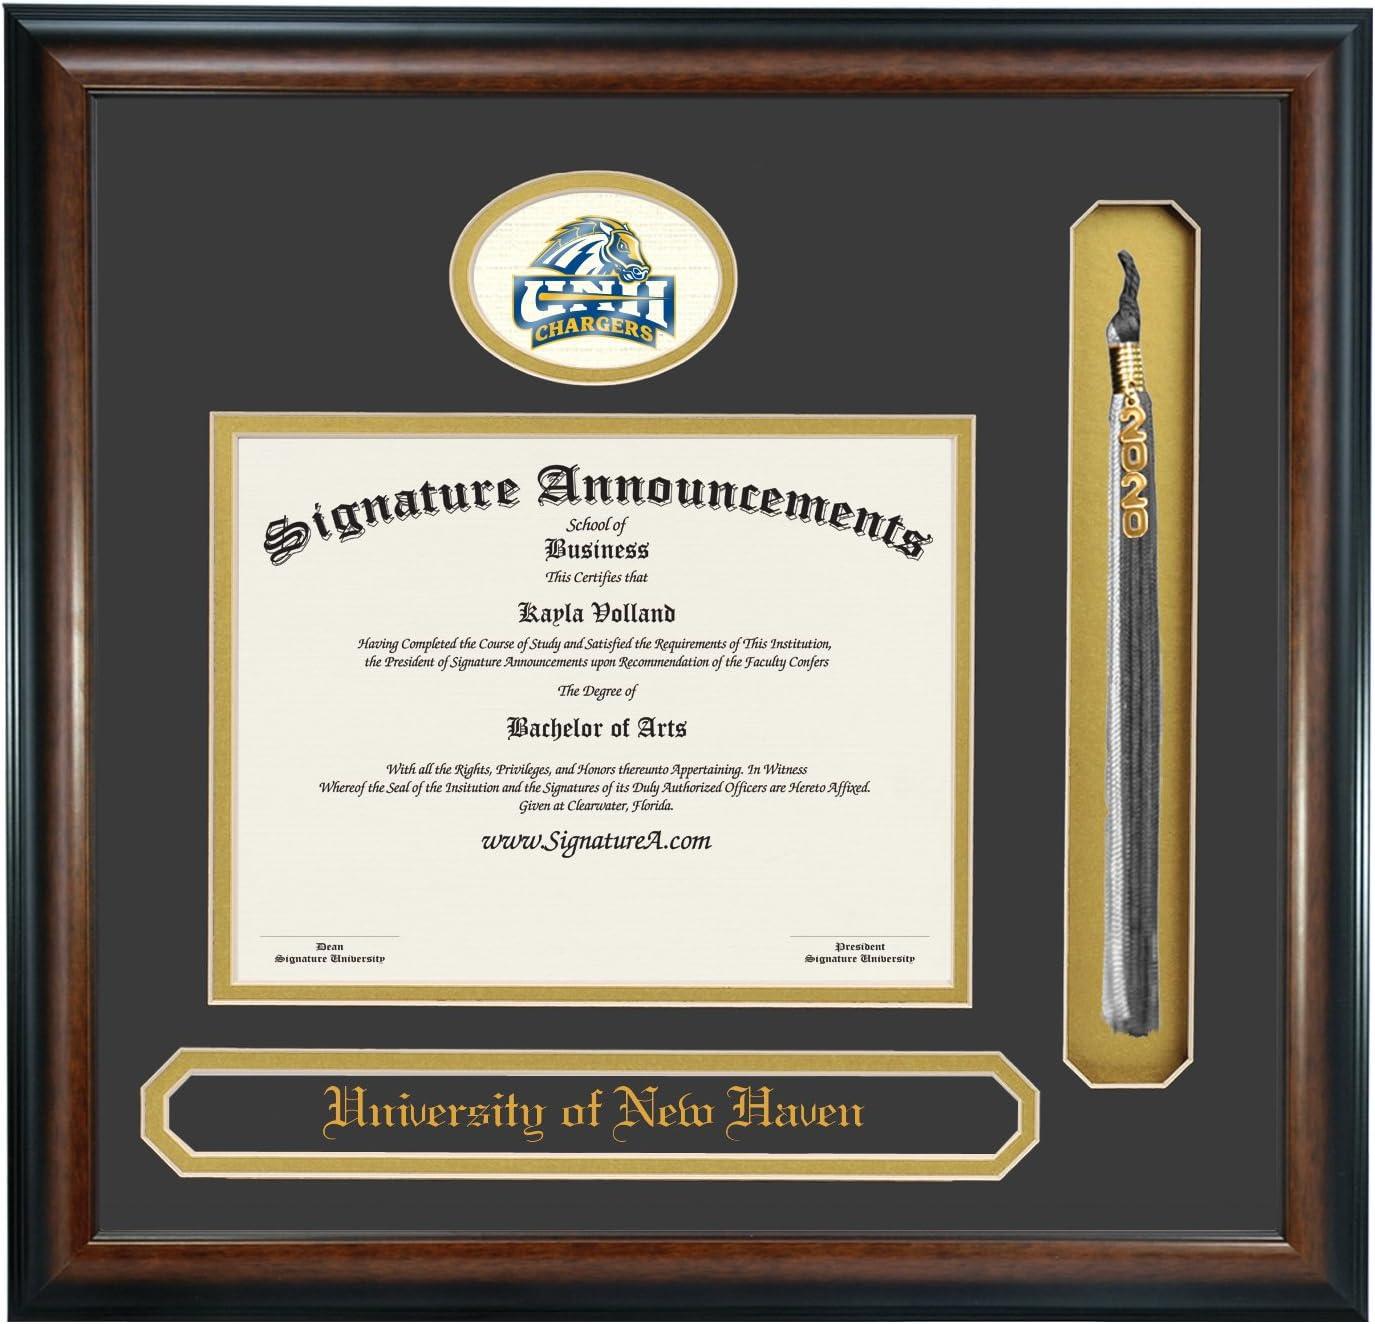 Fashionable Signature Announcements University Bargain sale of Sc New Haven Undergraduate